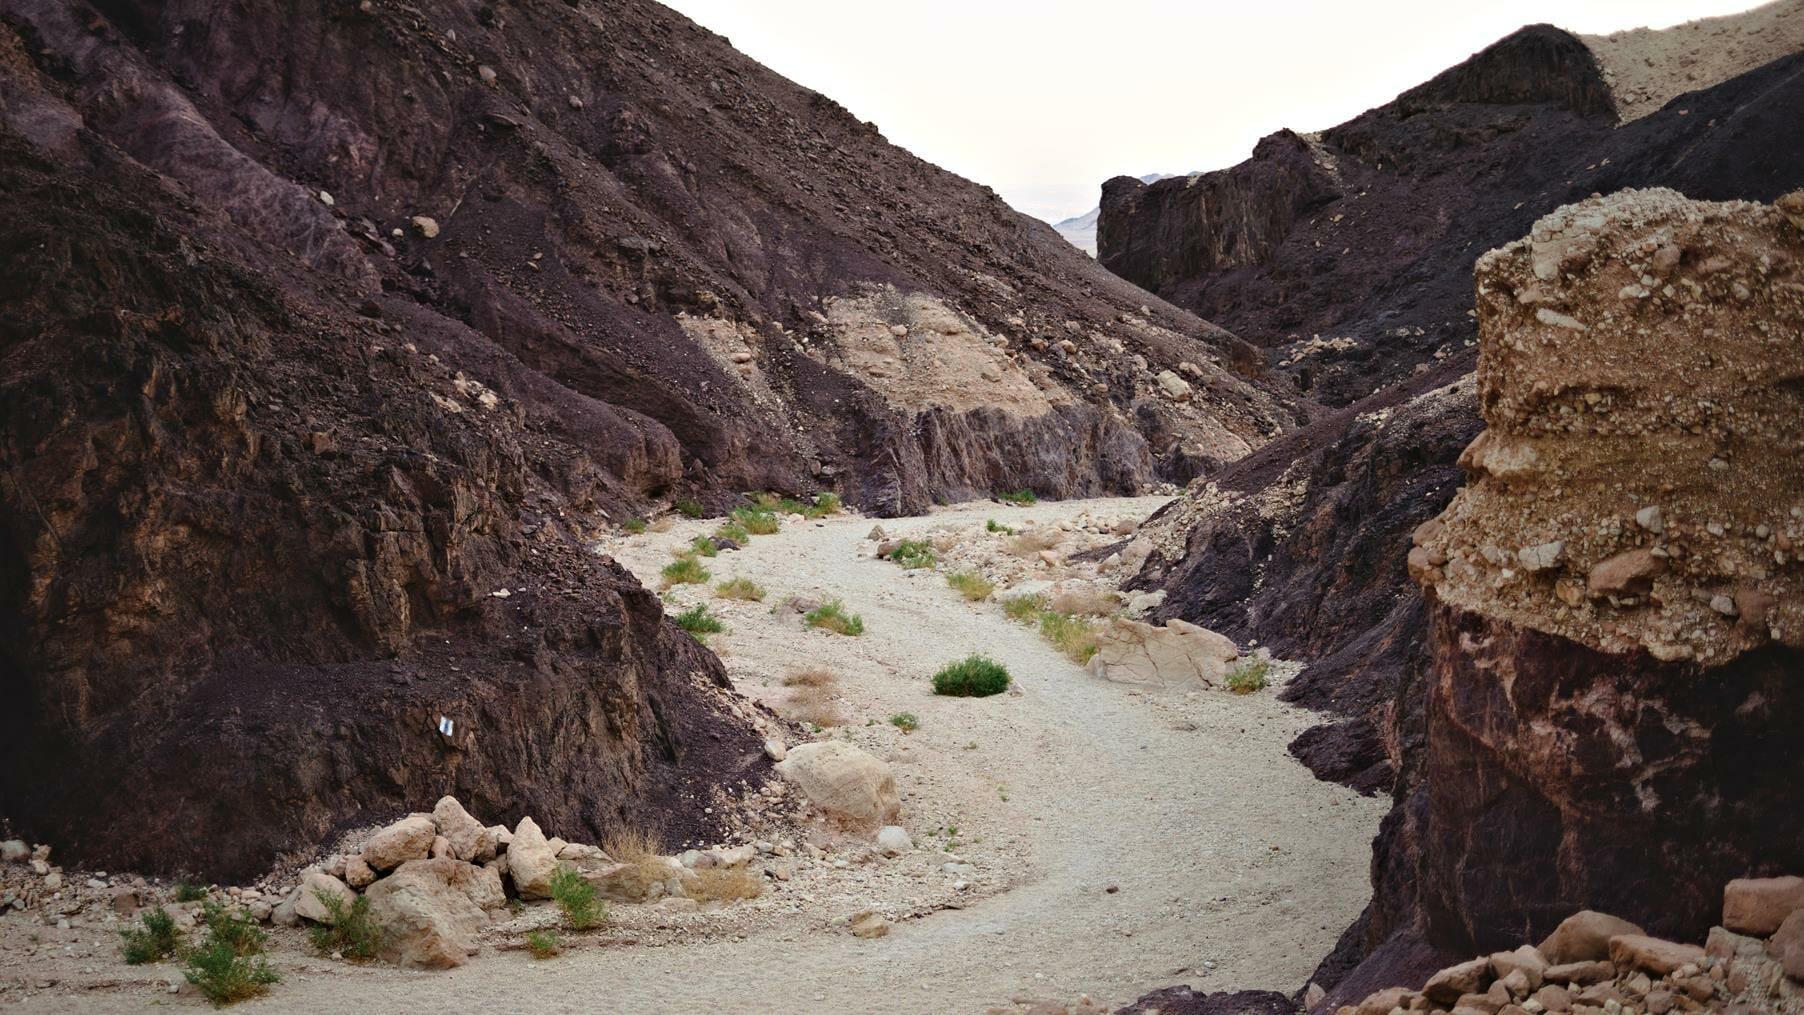 קניון נחל שחורת, טרק בשביל ישראל למיטיבי לכת בהרי אילת, צילום: יוסי אביטל